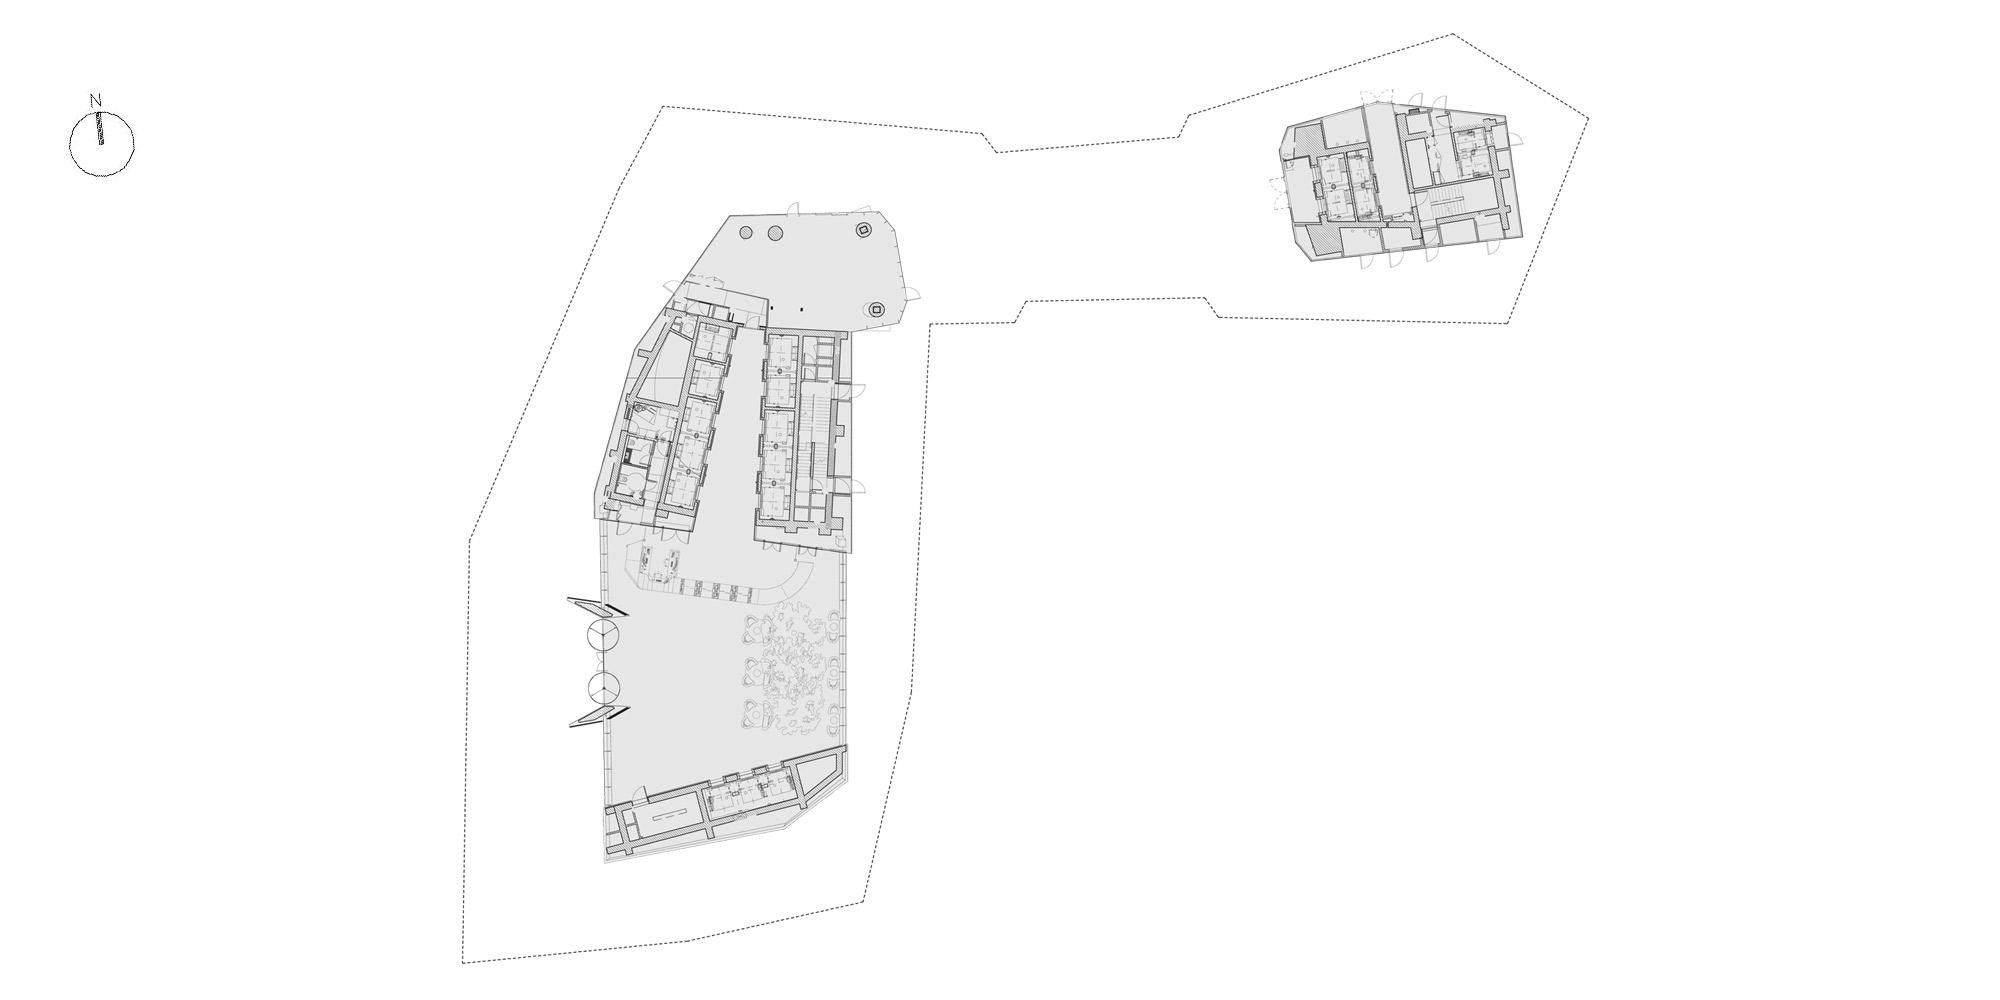 Pianta piano terra © Ron Arad Architects